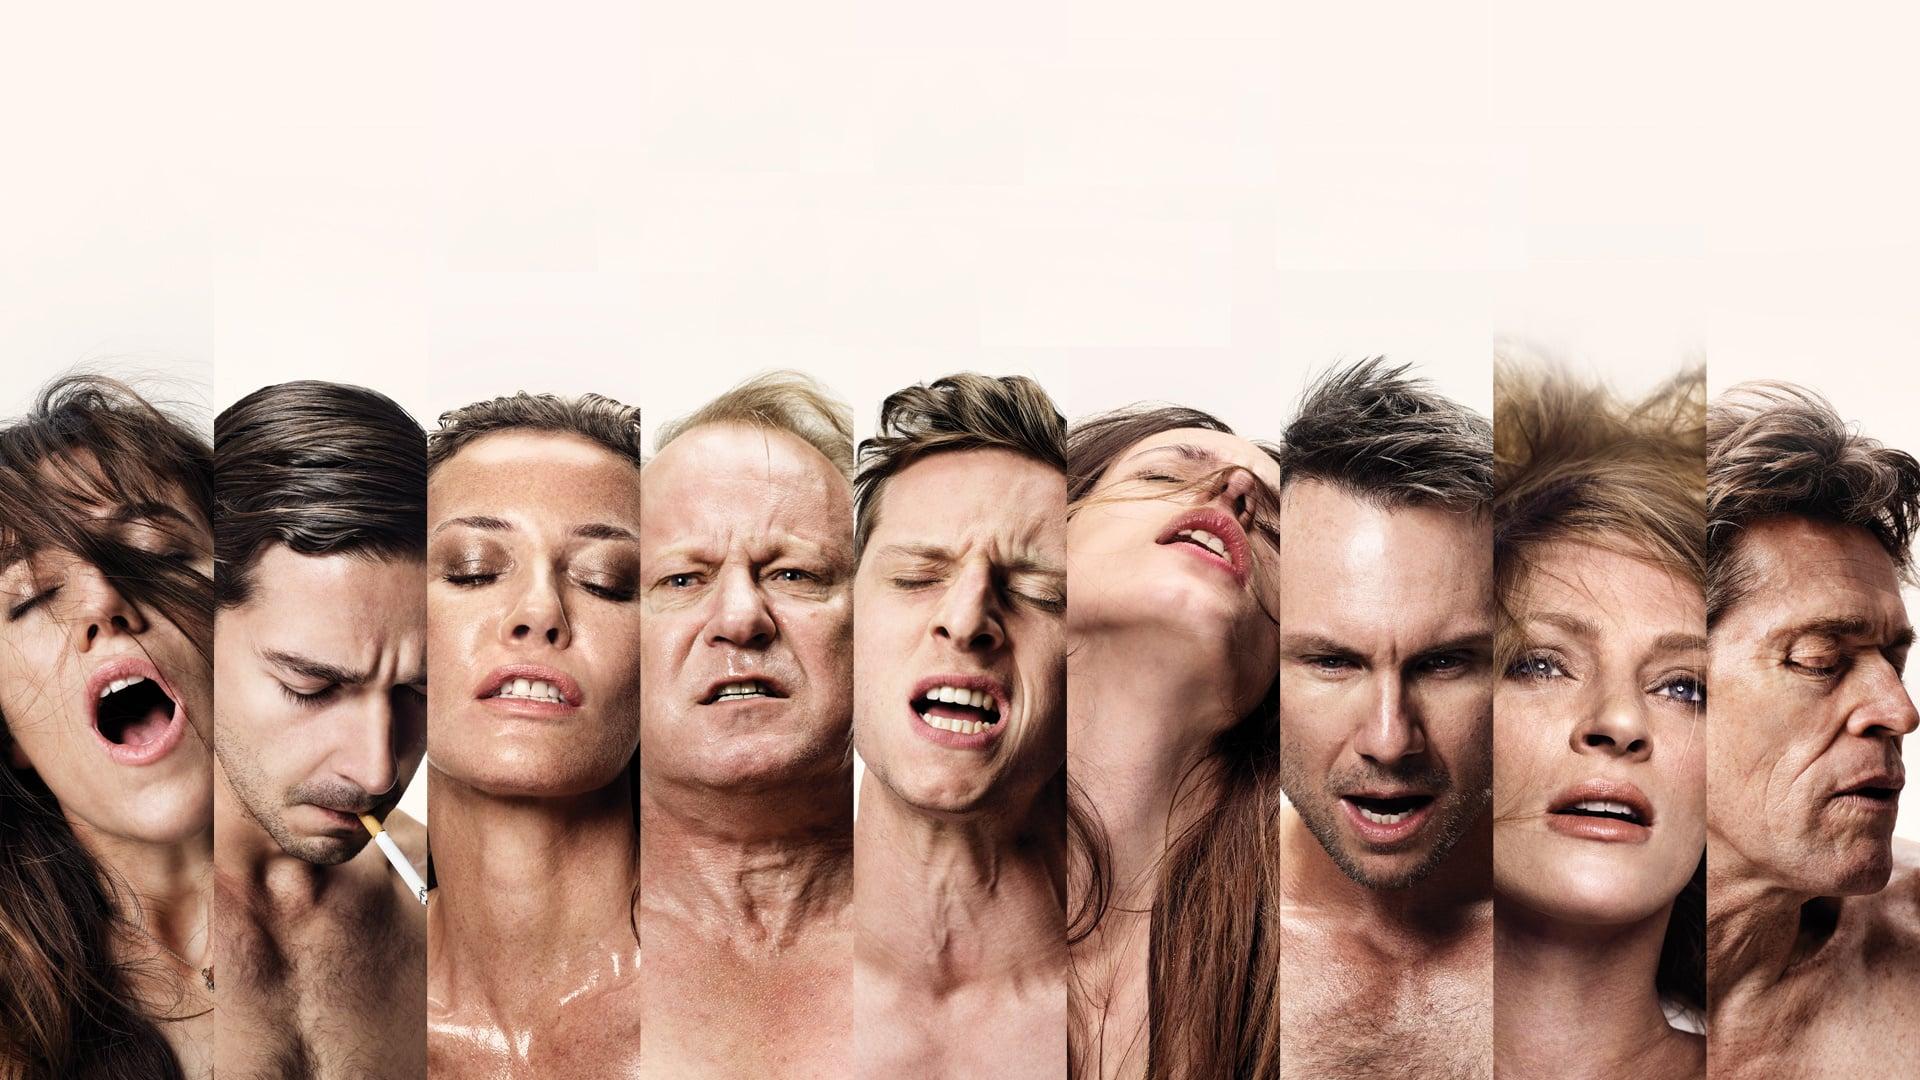 Películas Eróticas Estas Son Las Mejores De La Historia Esquire